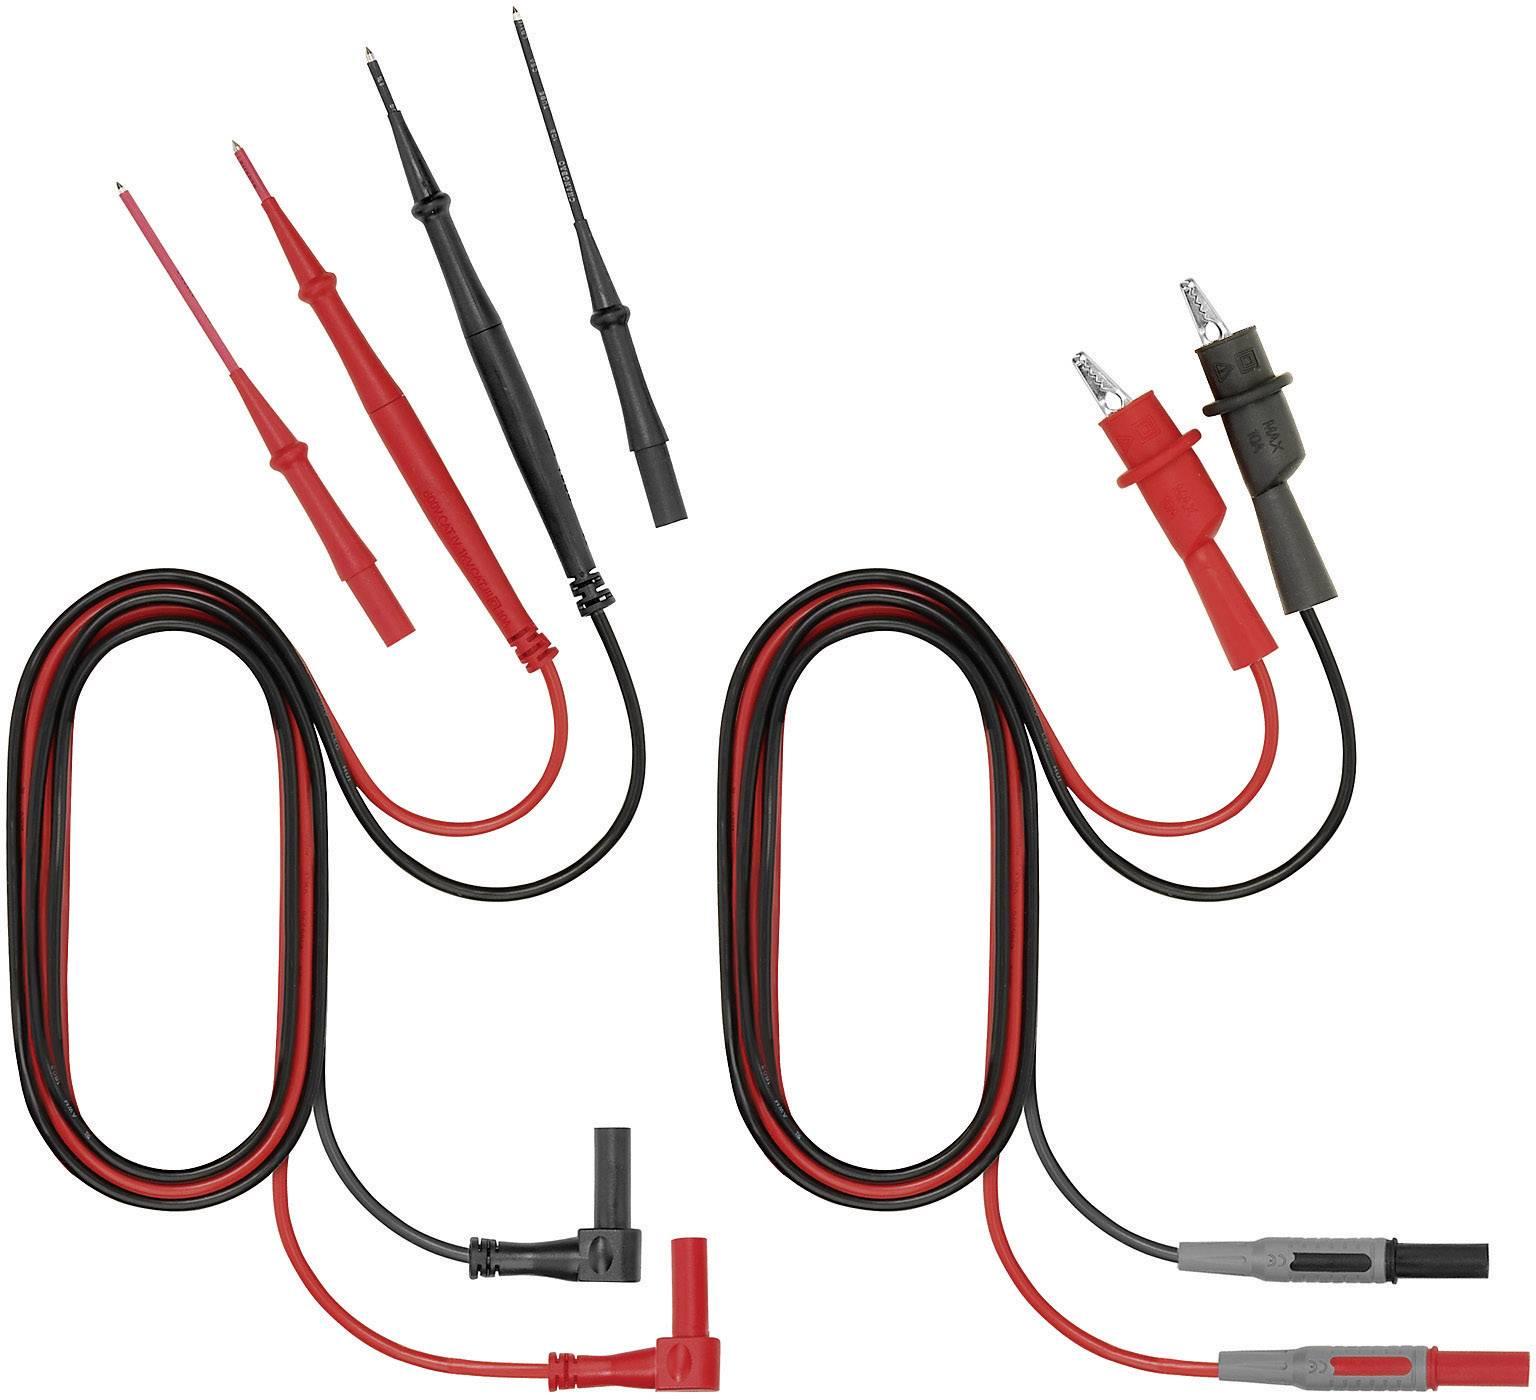 Benning 044119 Sicherheits-Messleitungs-Set Lamellenstecker 4mm - Pr/üfspitze 1m Schwarz